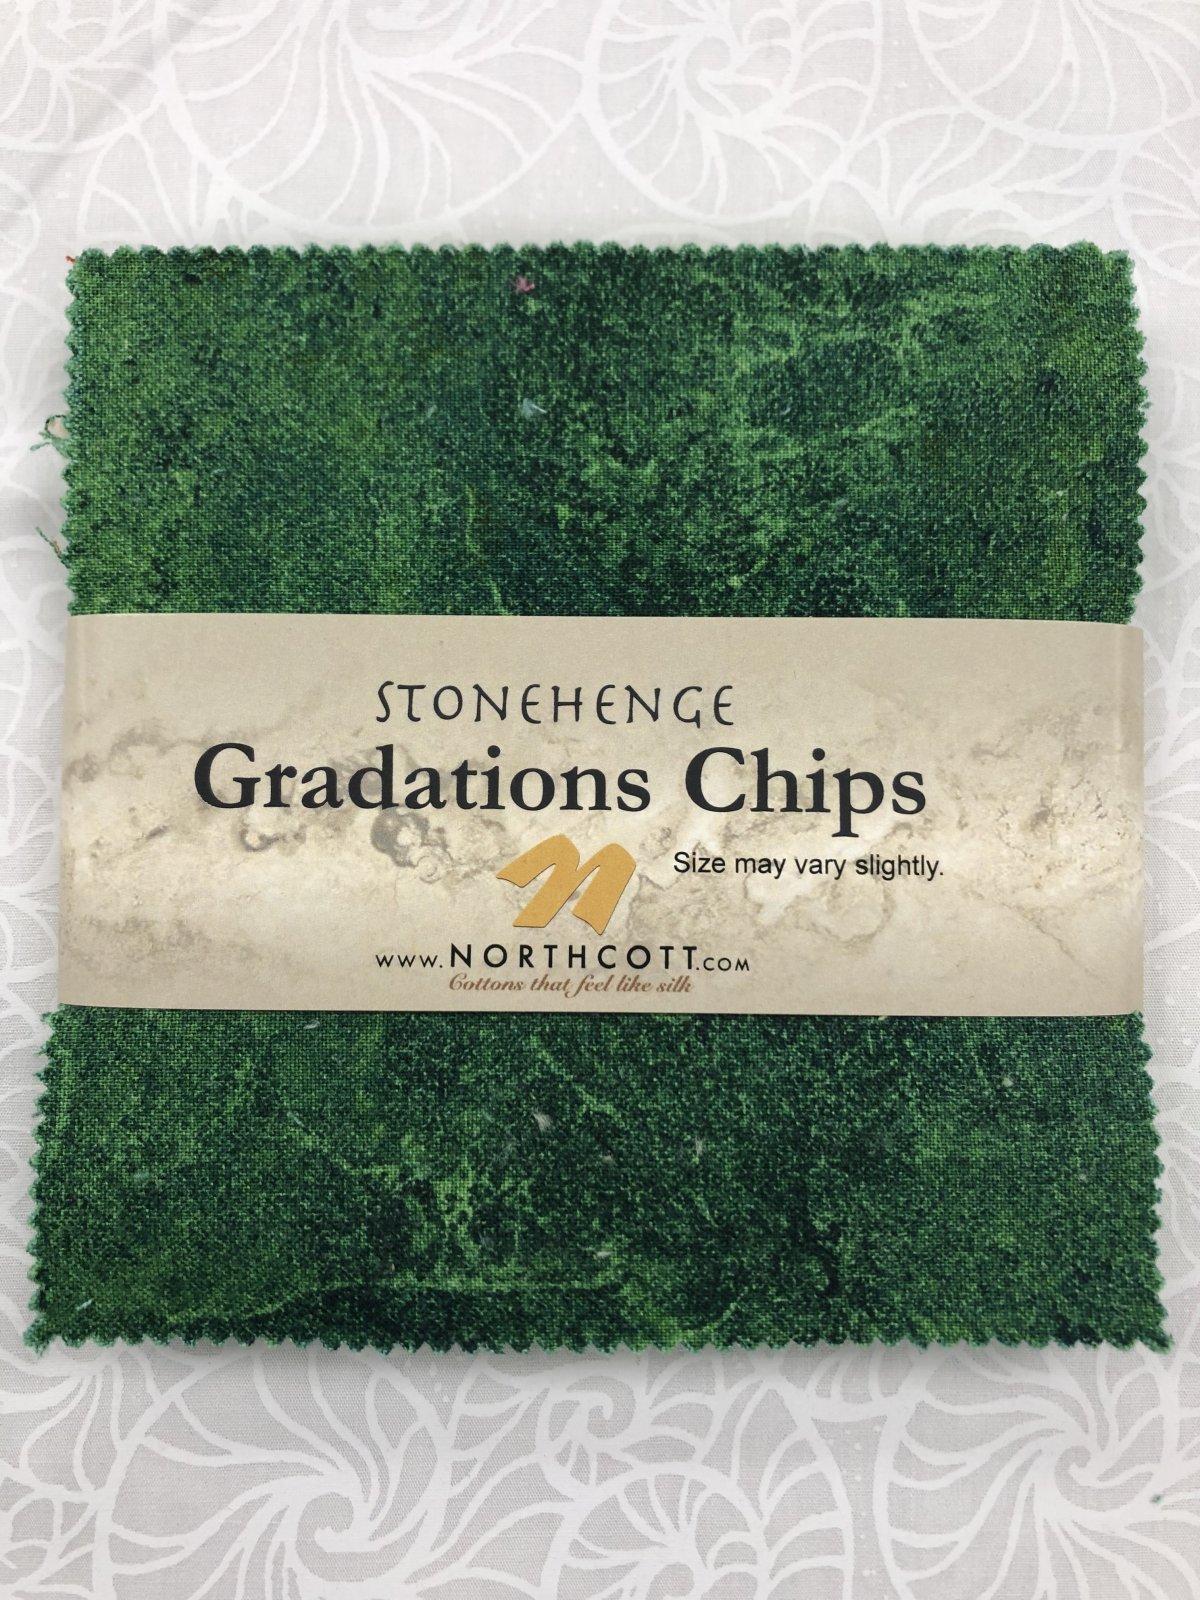 Stonehenge Rainforest Chips Graduations 42 Pcs 5Squares